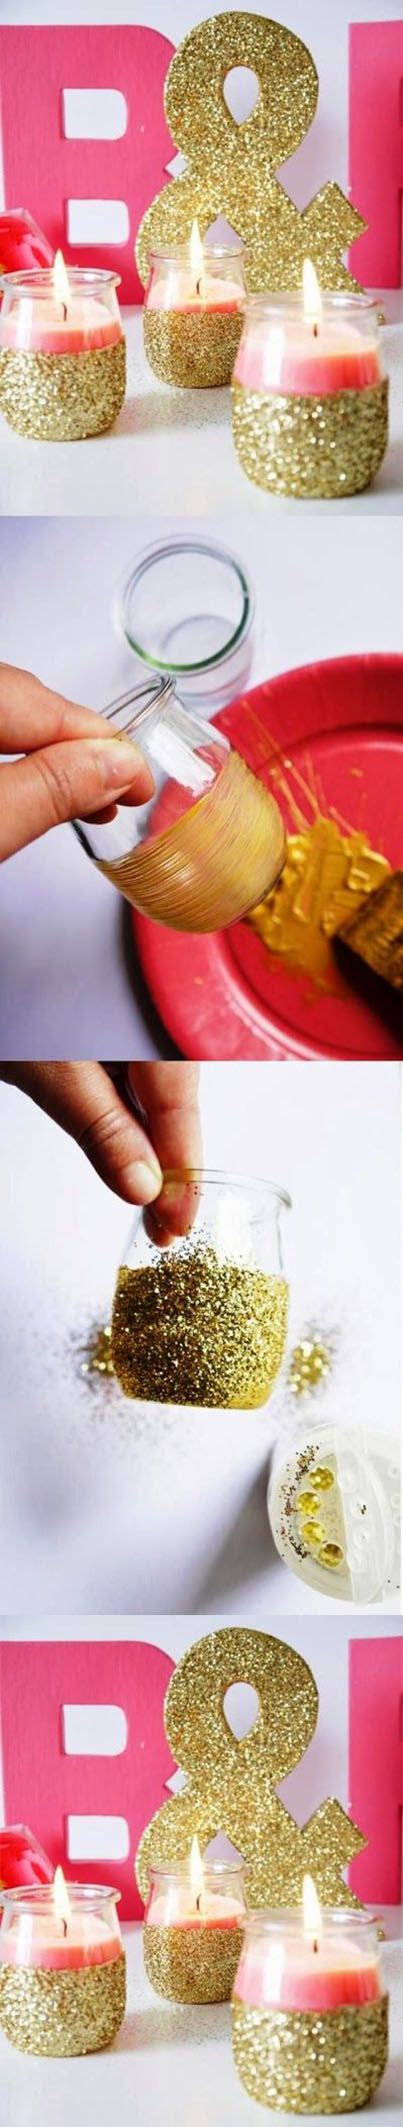 Beautiful Jar Candle Craft | DIY & Crafts